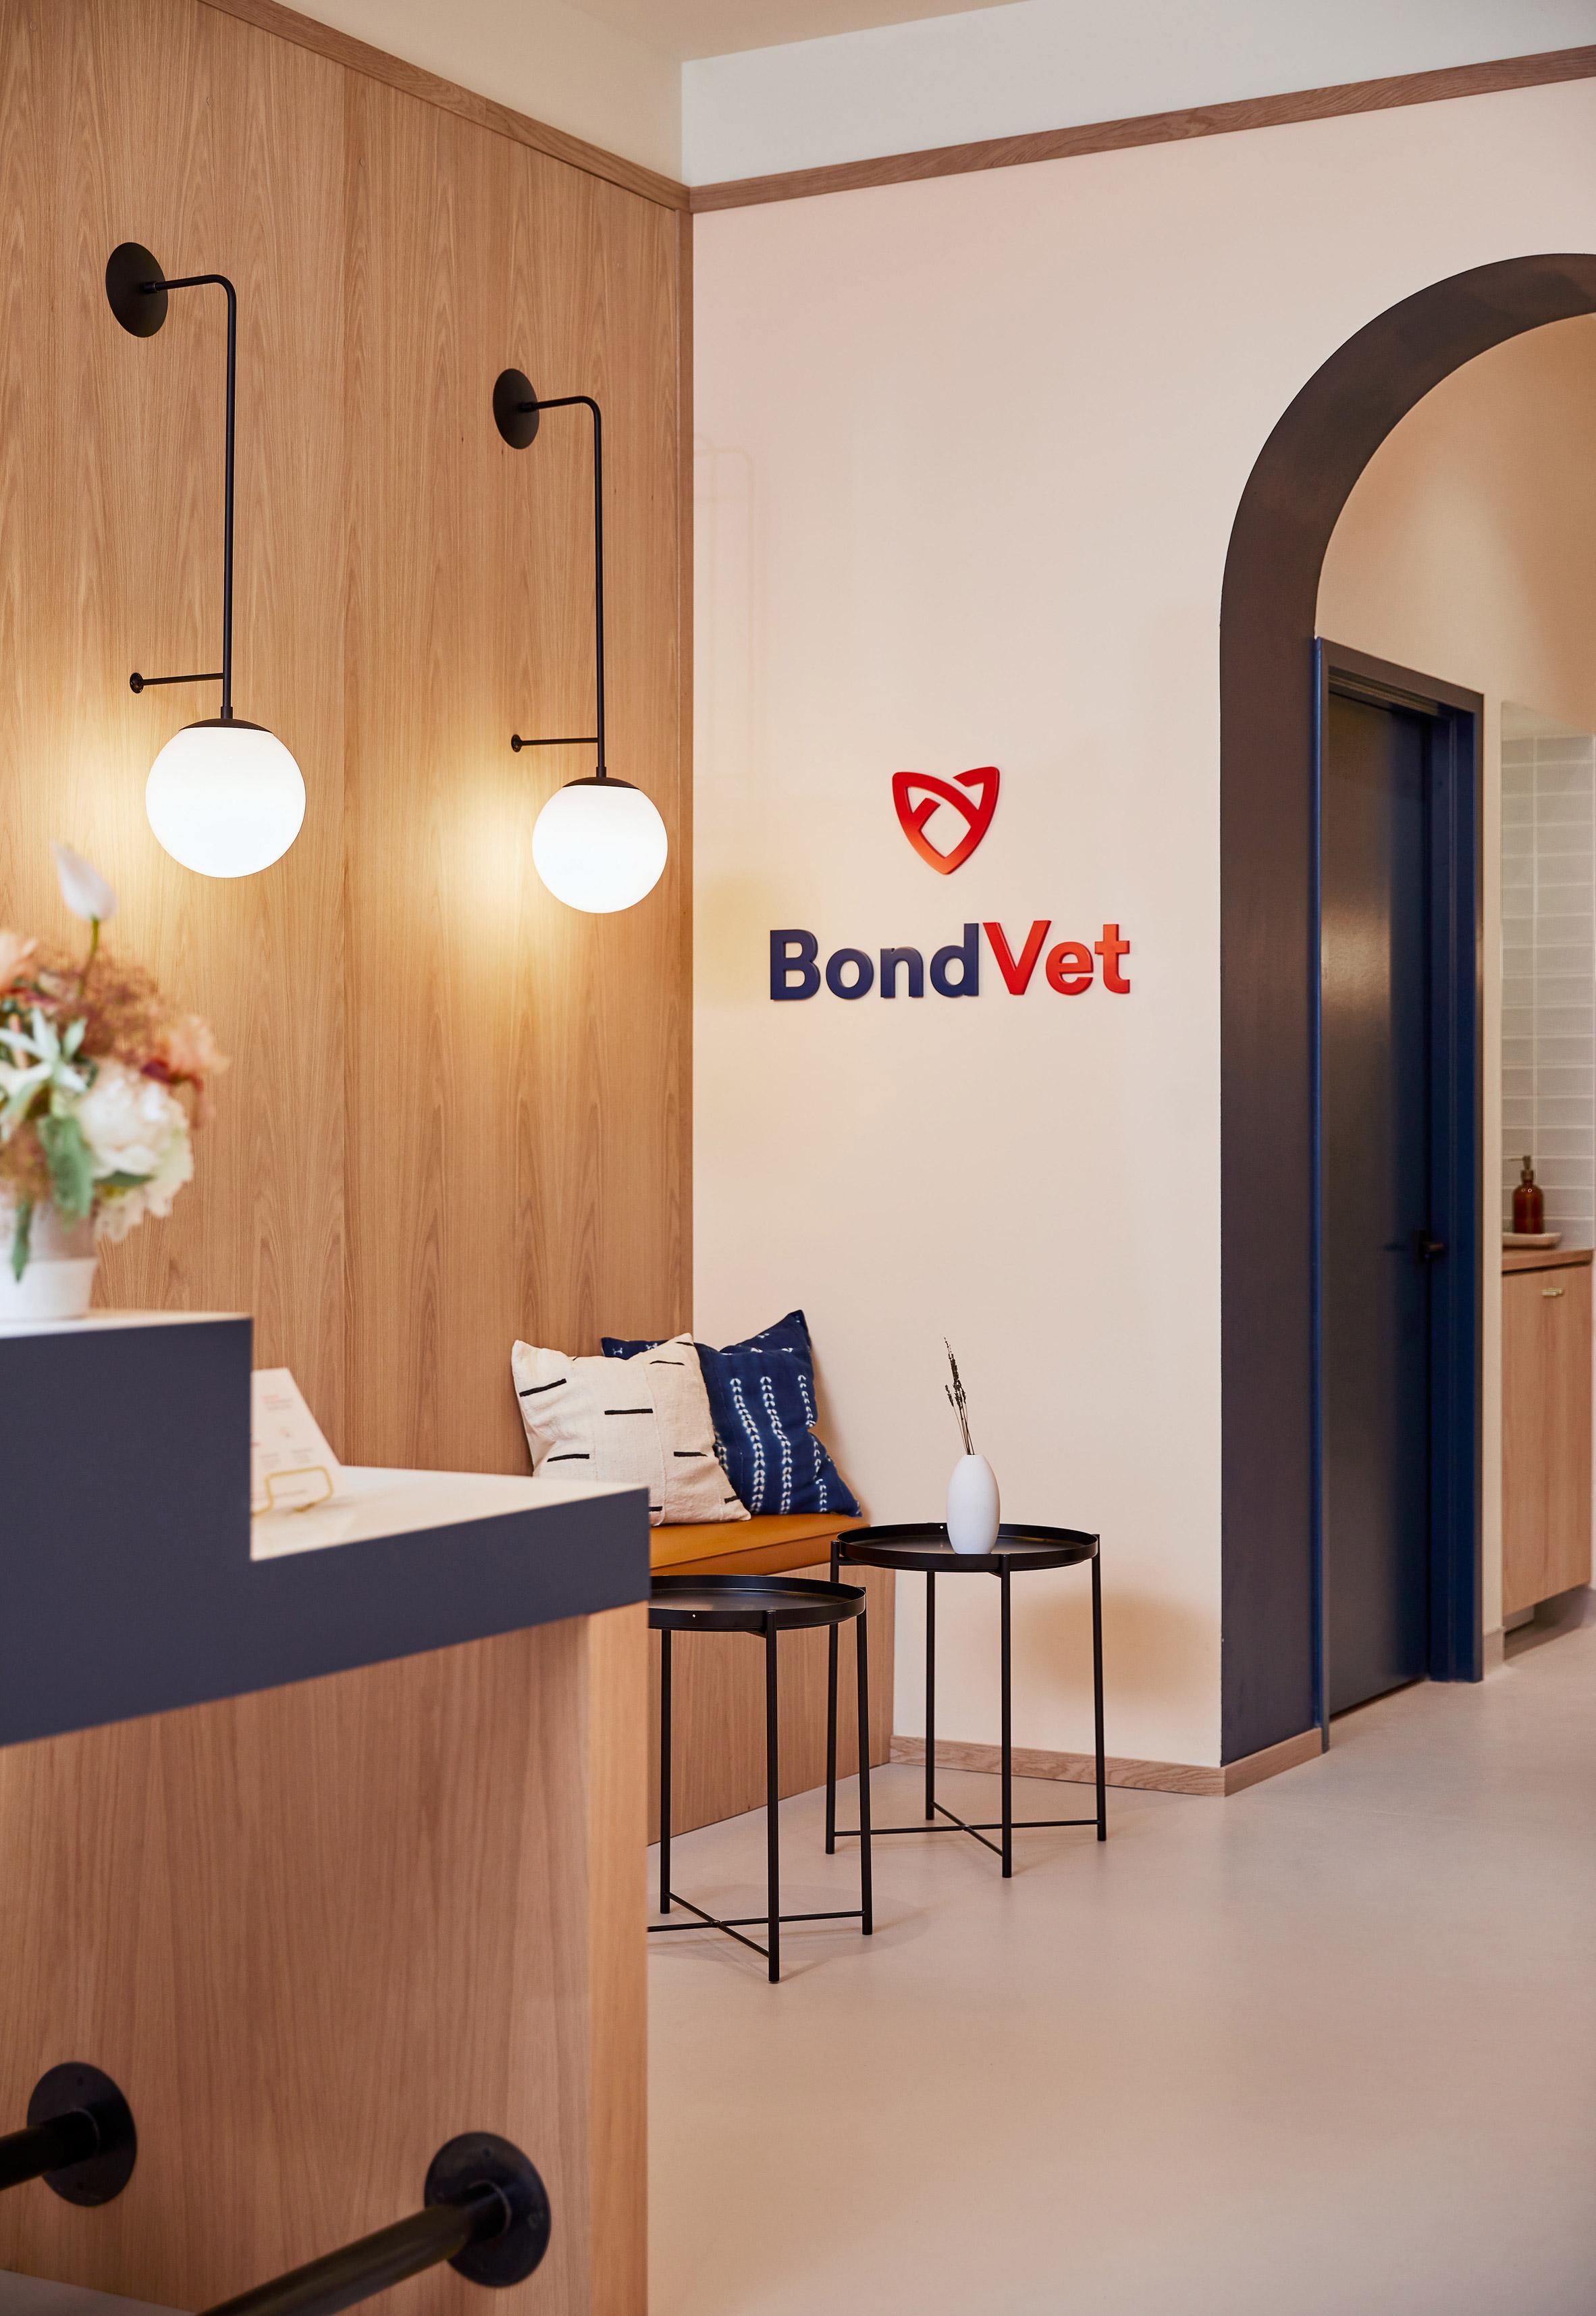 Bond Vet by Islyn Studio